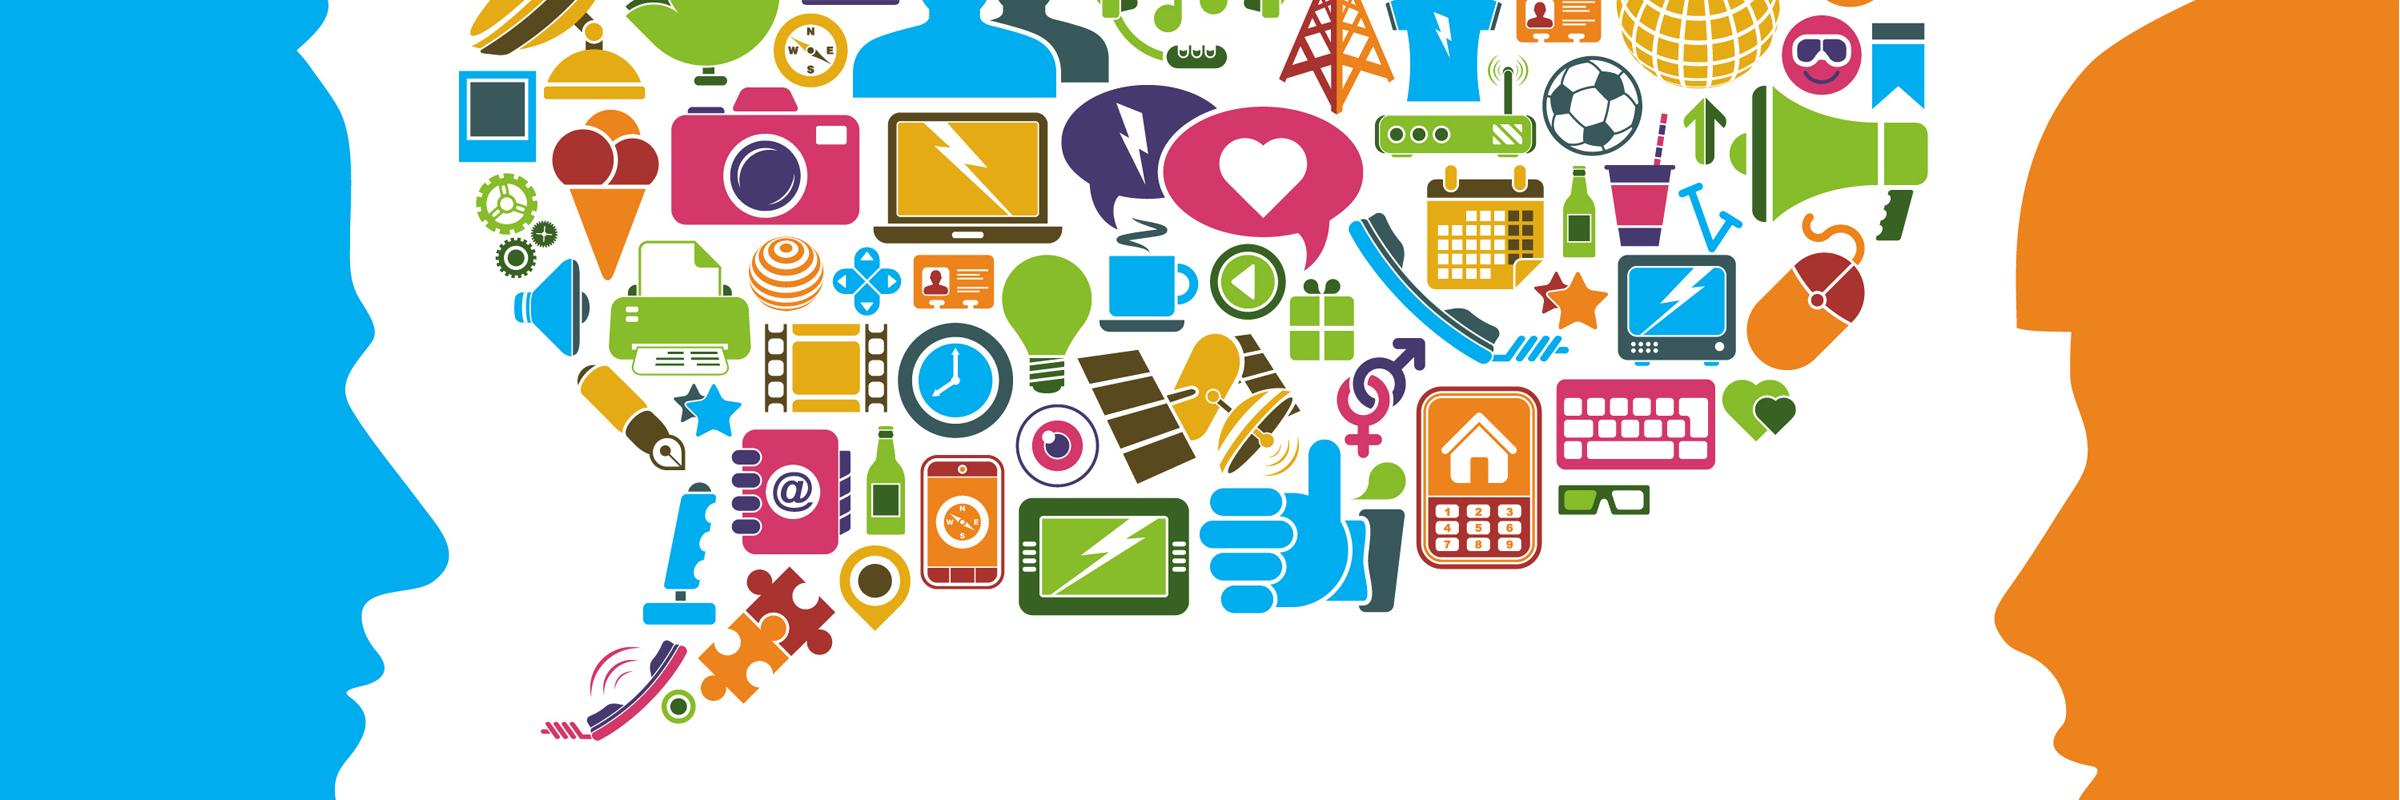 Comunicazione Gruppo Studio Nouvelle Salerno Progetti Marketing Ricerca Grafica Web Comunicazione Consulenza Eventi Fidelity Card Operazione Premi Formazione